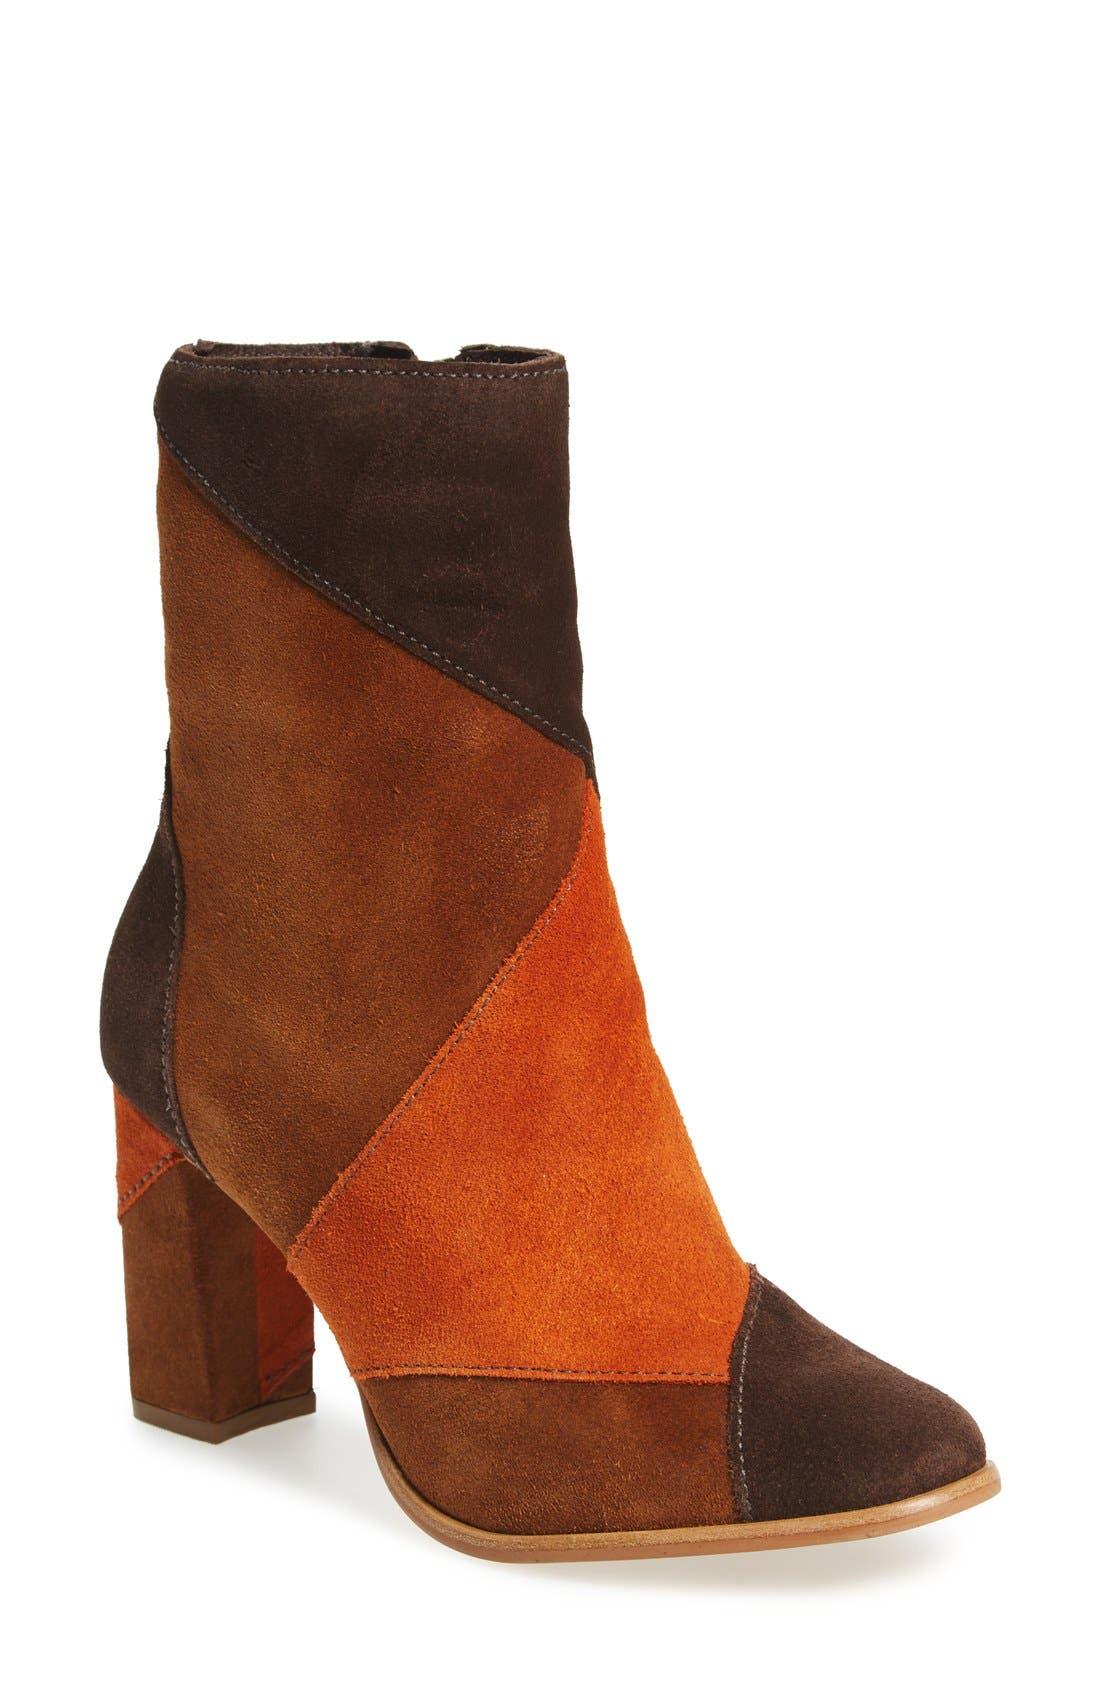 Alternate Image 1 Selected - Matisse Jigsaw Block Heel Bootie (Women)